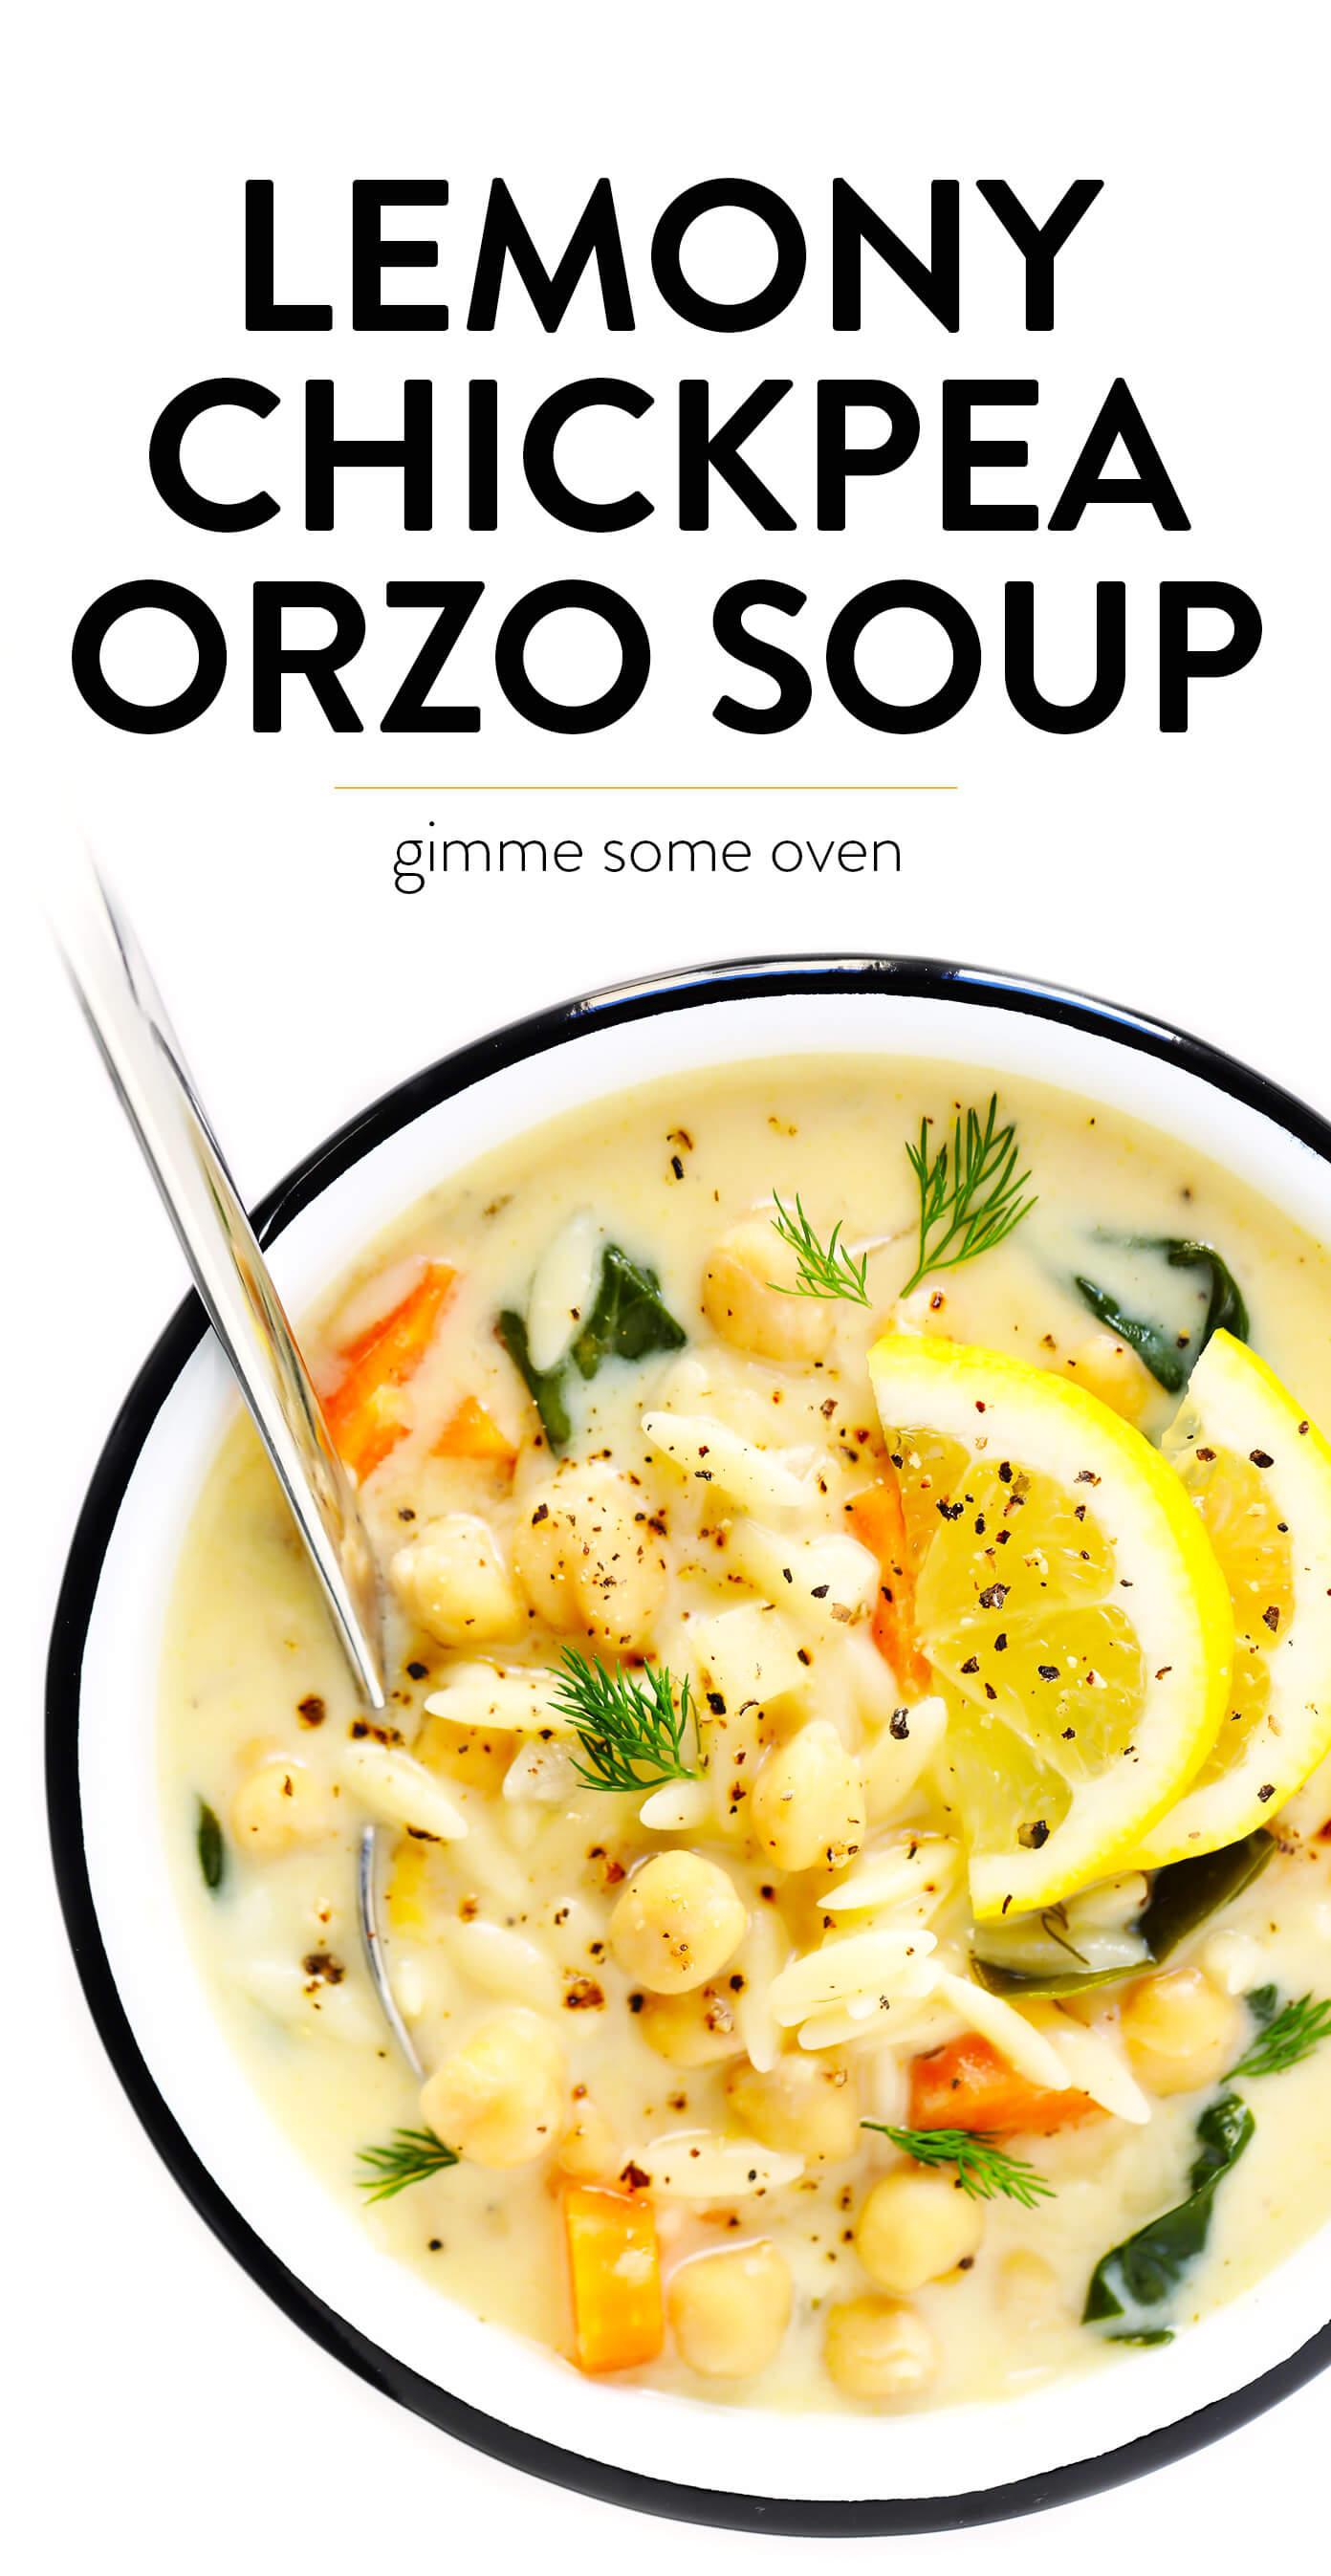 Lemony Chickpea Orzo Soup Recipe